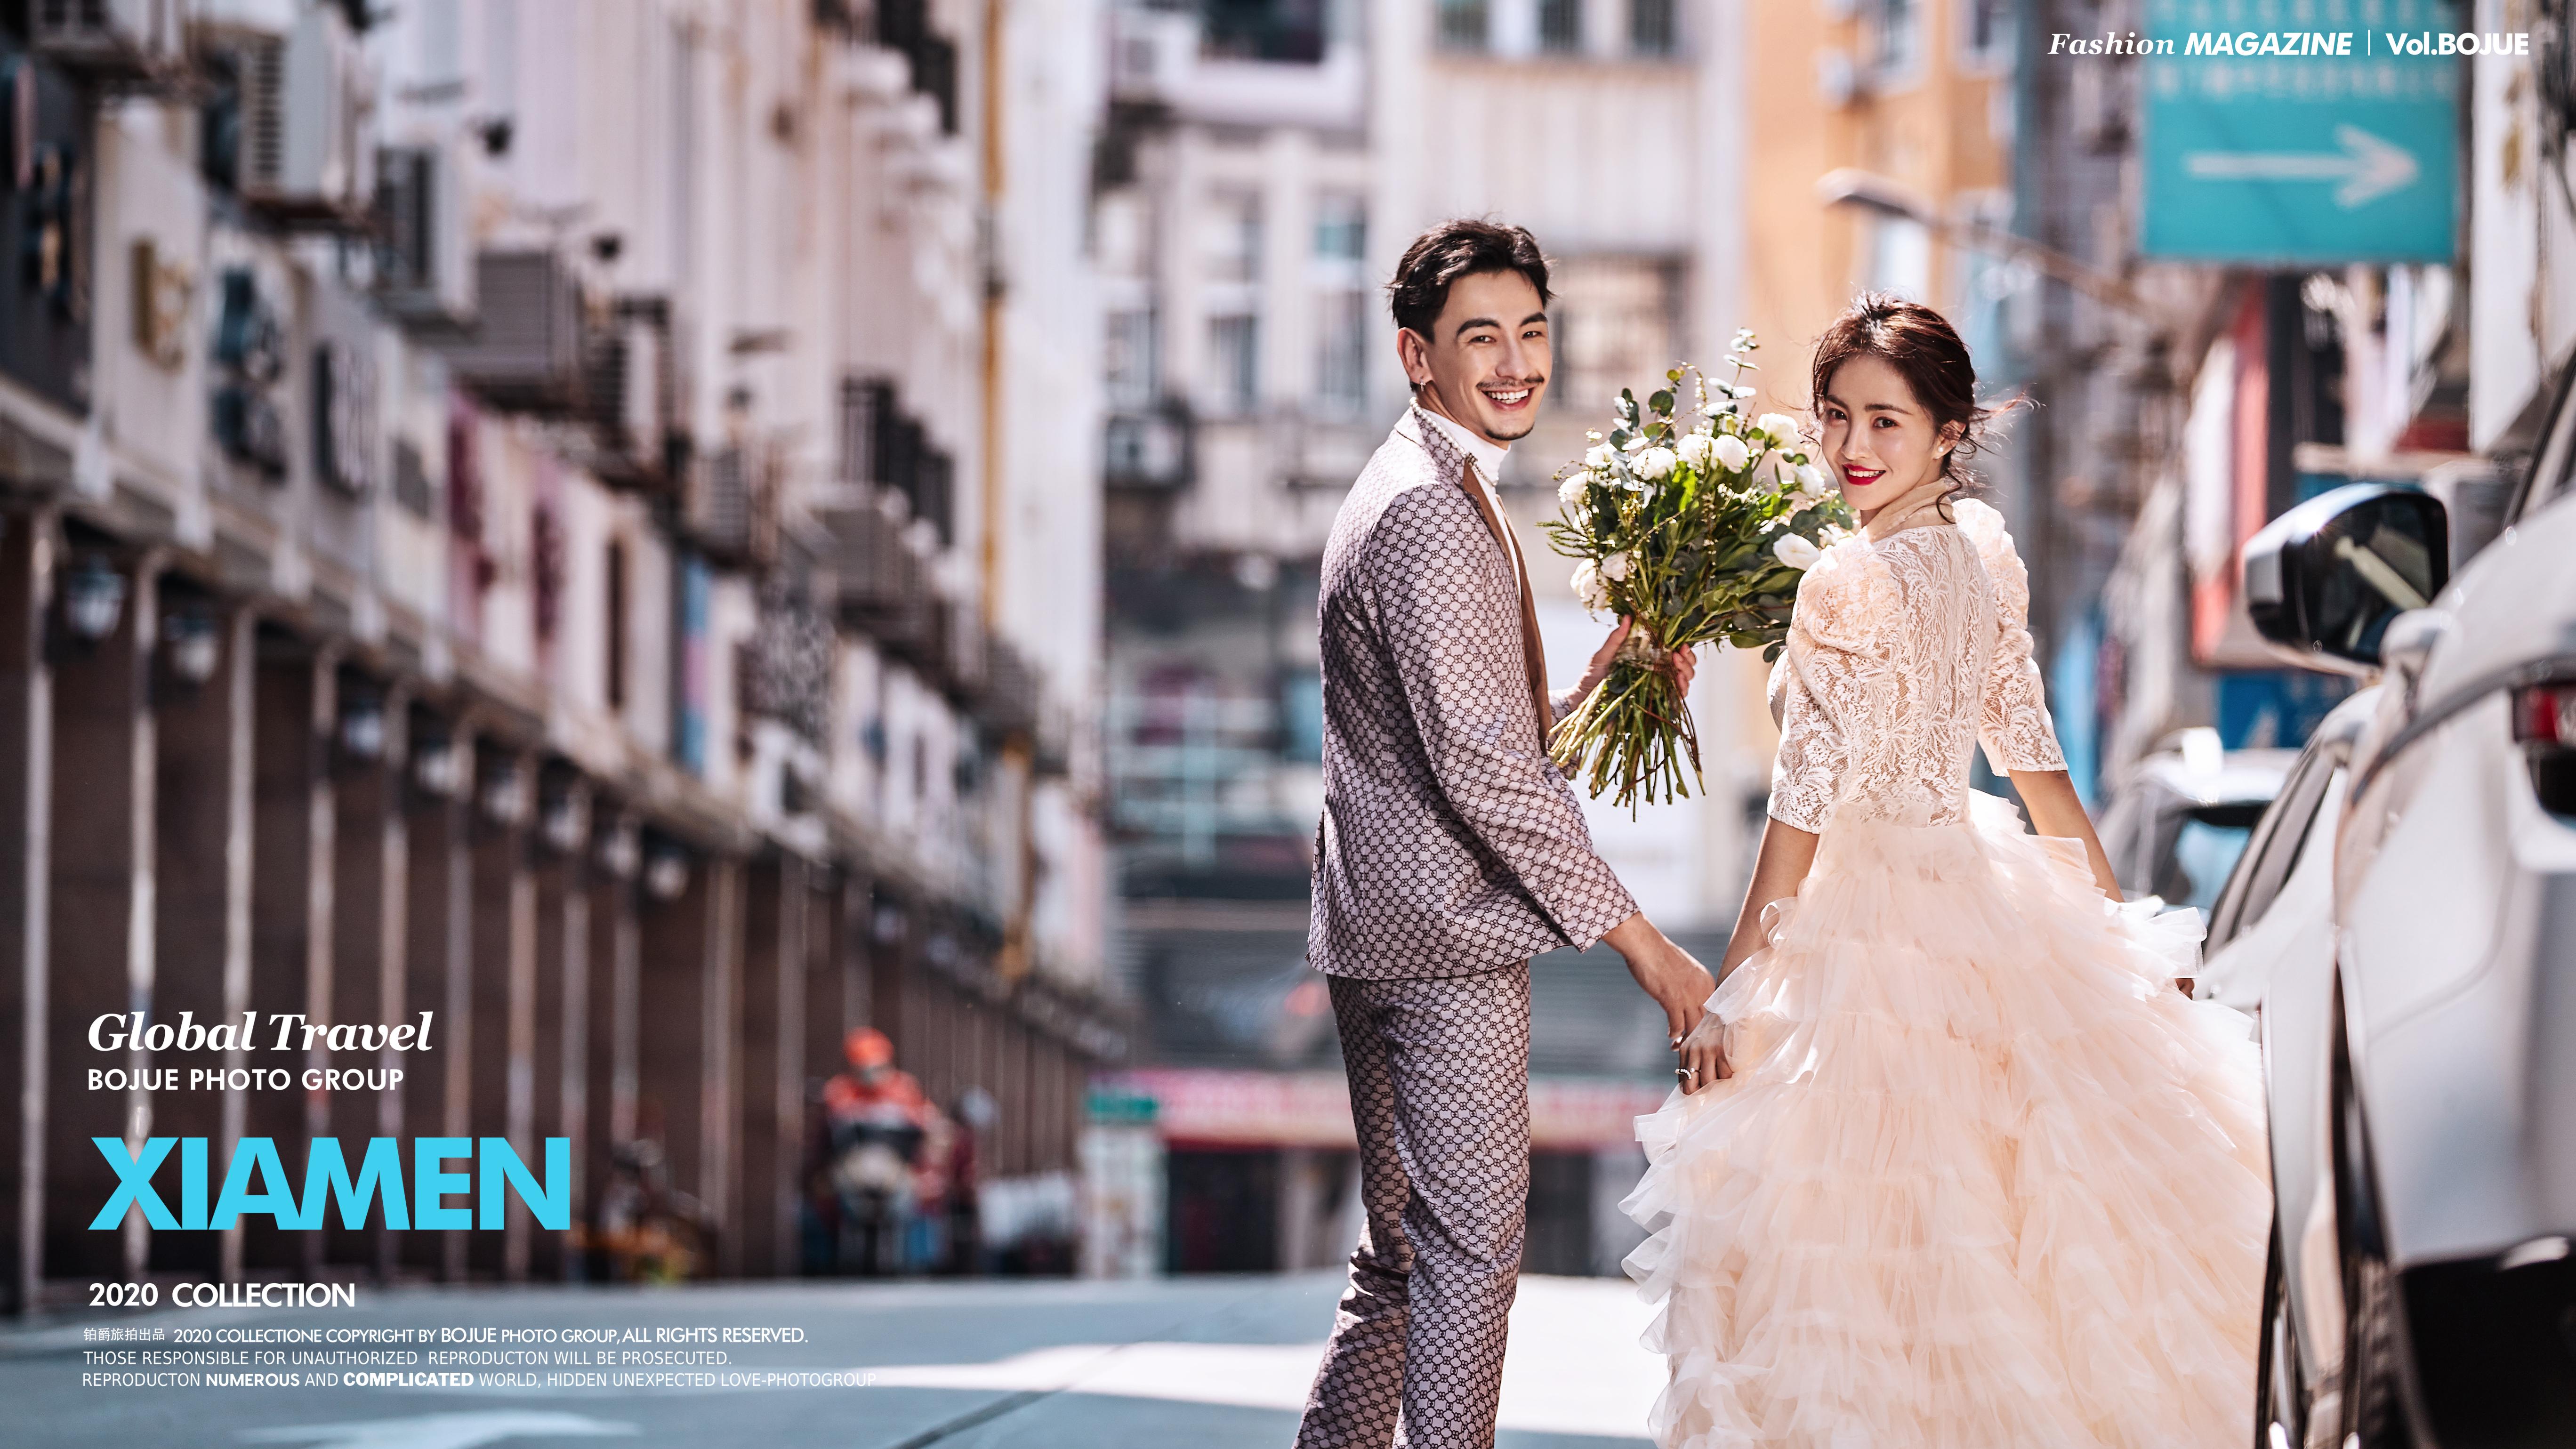 夏天厦门旅拍外景婚纱照注意哪些问题,这些问题你注意了吗